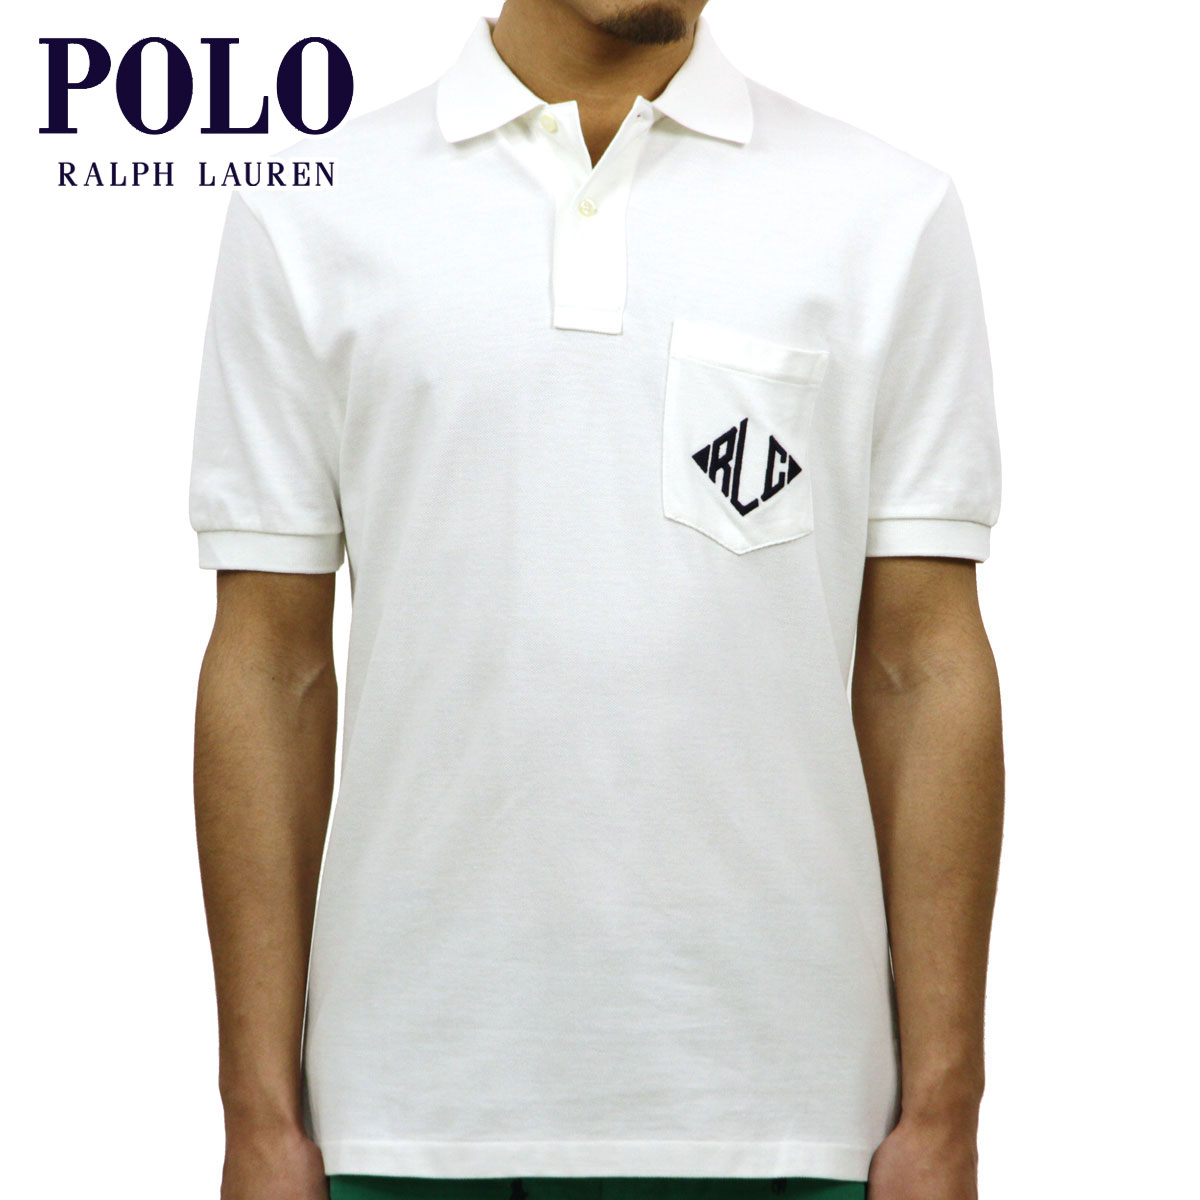 【販売期間 3/2 19:00~3/8 9:59】 ポロ ラルフローレン POLO RALPH LAUREN 正規品 メンズ ポロシャツ Classic-Fit Monogram Polo WHITE